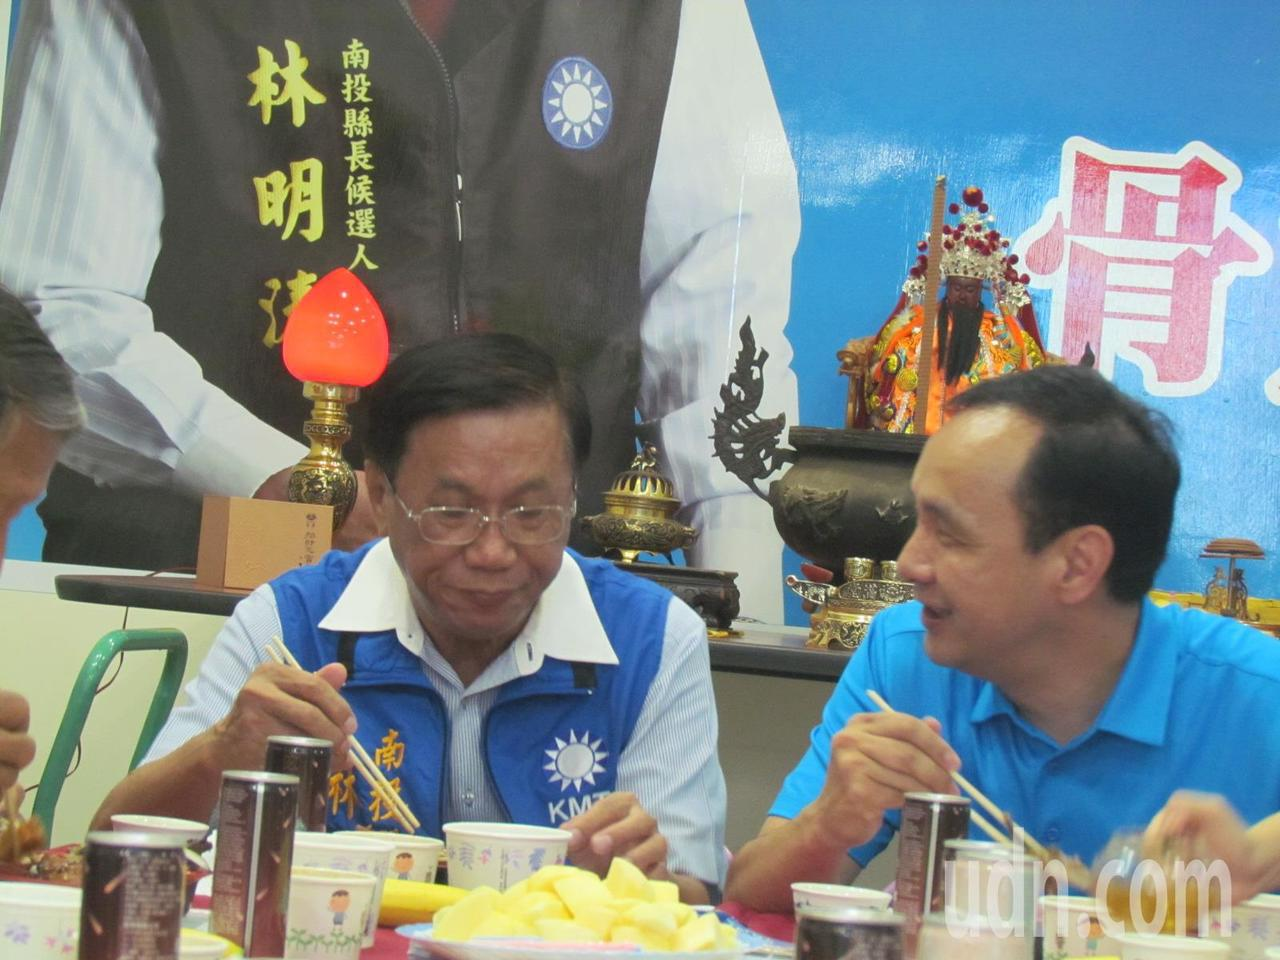 新北市長朱立倫(右)到南投縣長林明溱競選總部,進行一場便當會。記者張家樂/攝影